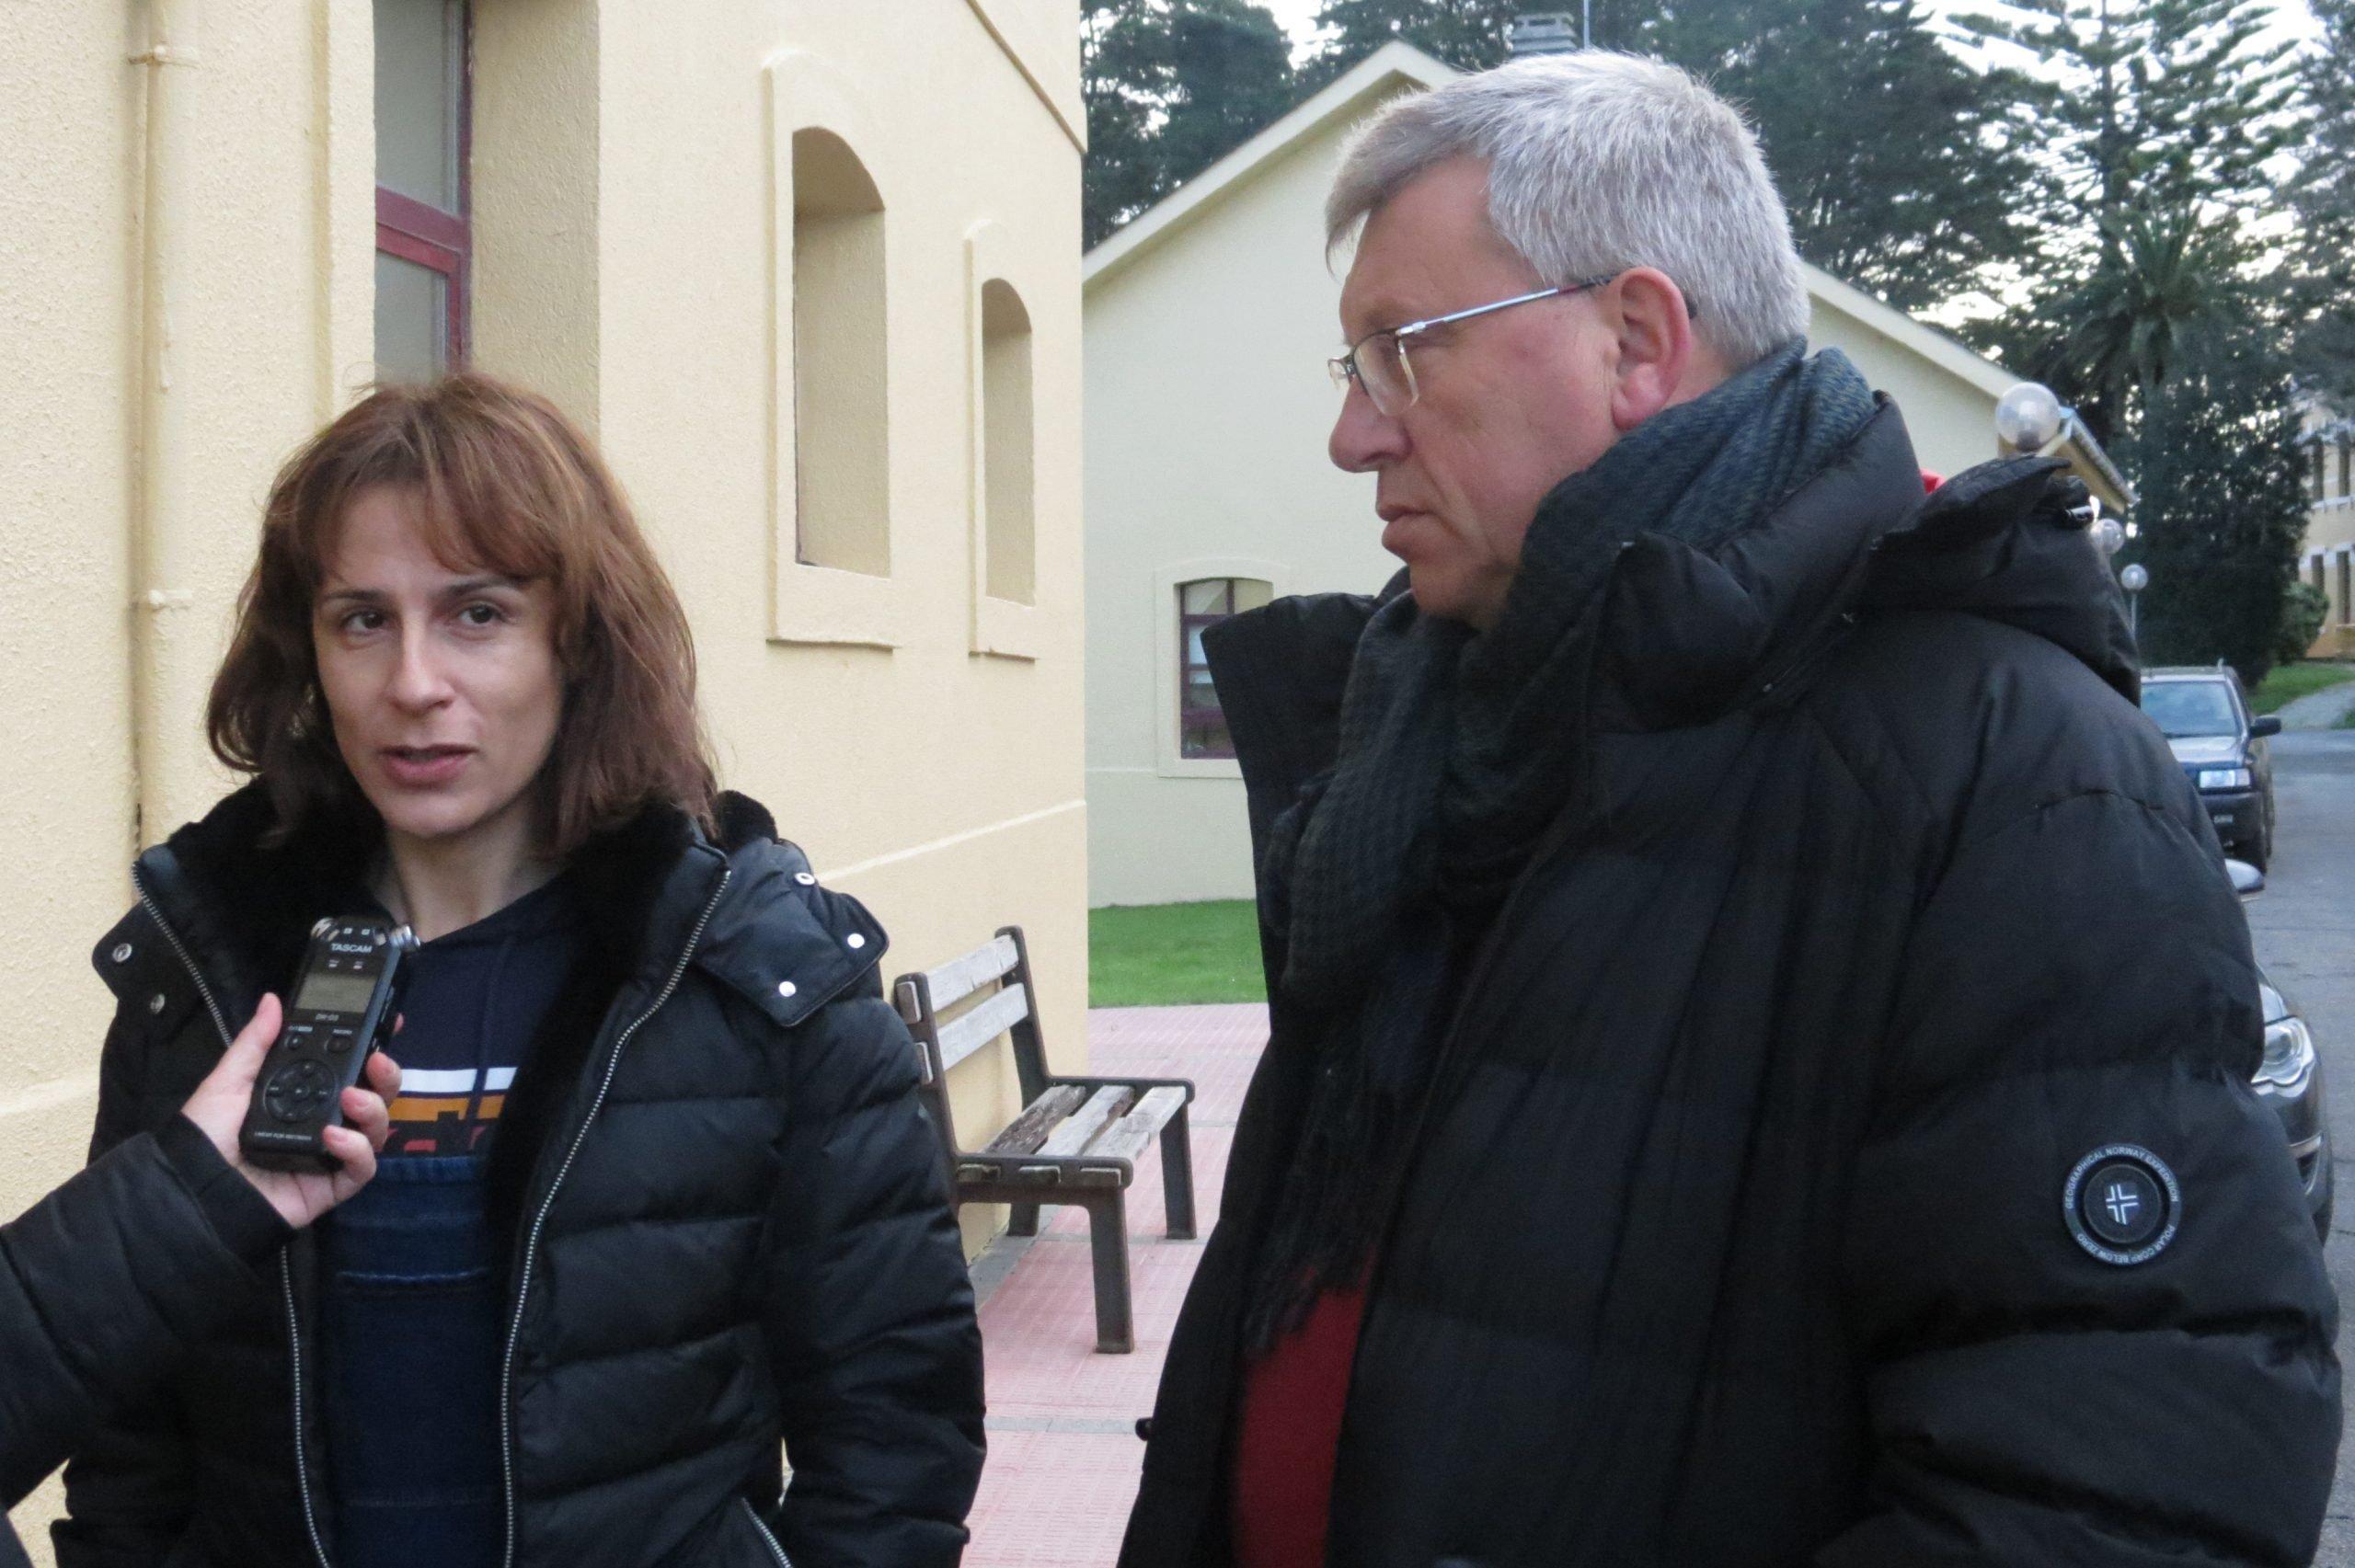 La Asociación de Profesores de Automoción de Galicia suspende la actividad formativa prevista para próximas semanas